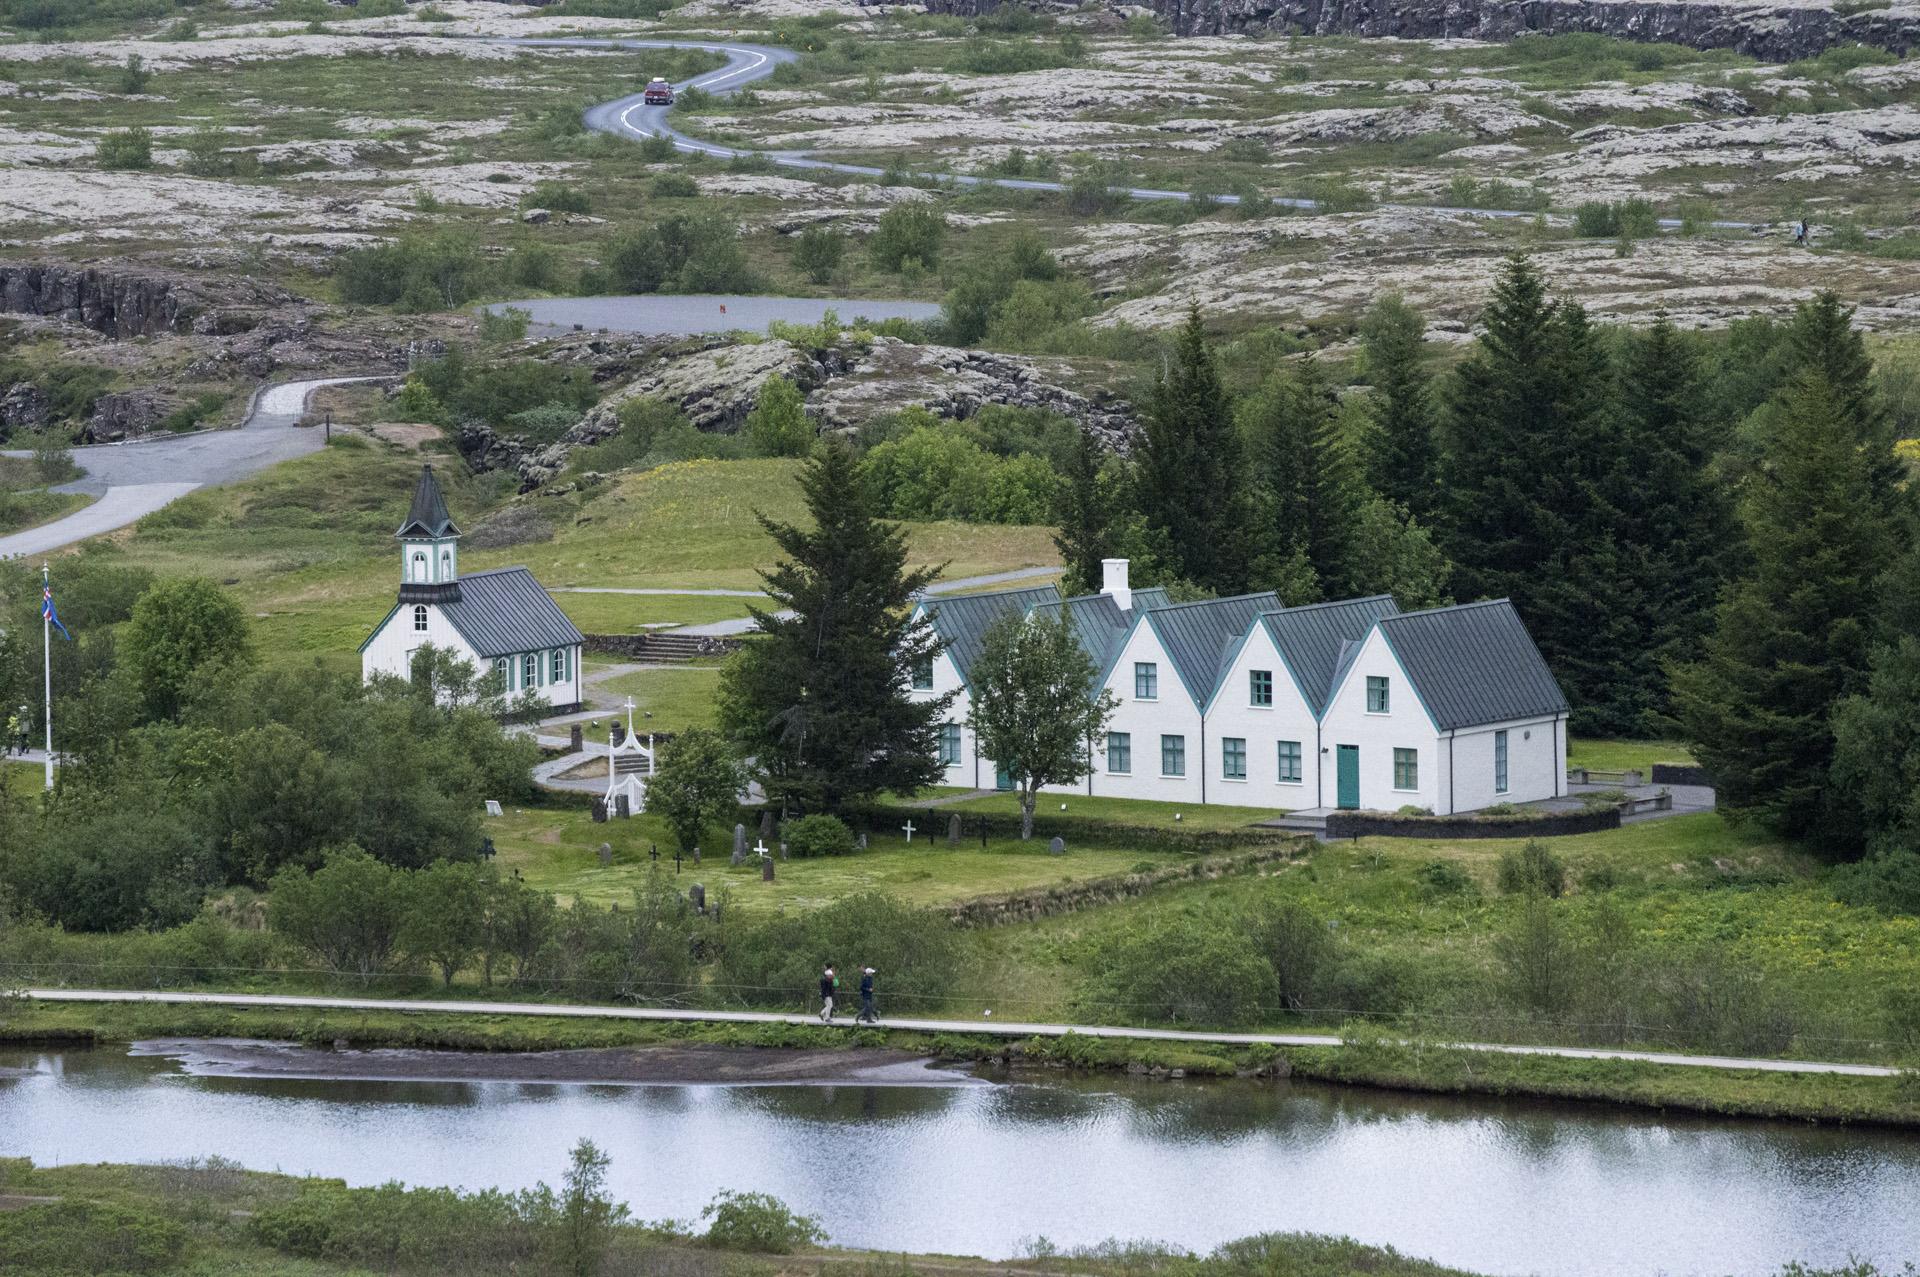 Þingvallakirkja (church, on the left) and nearby areas, Þingvellir National Park, Suðurland region, Iceland.